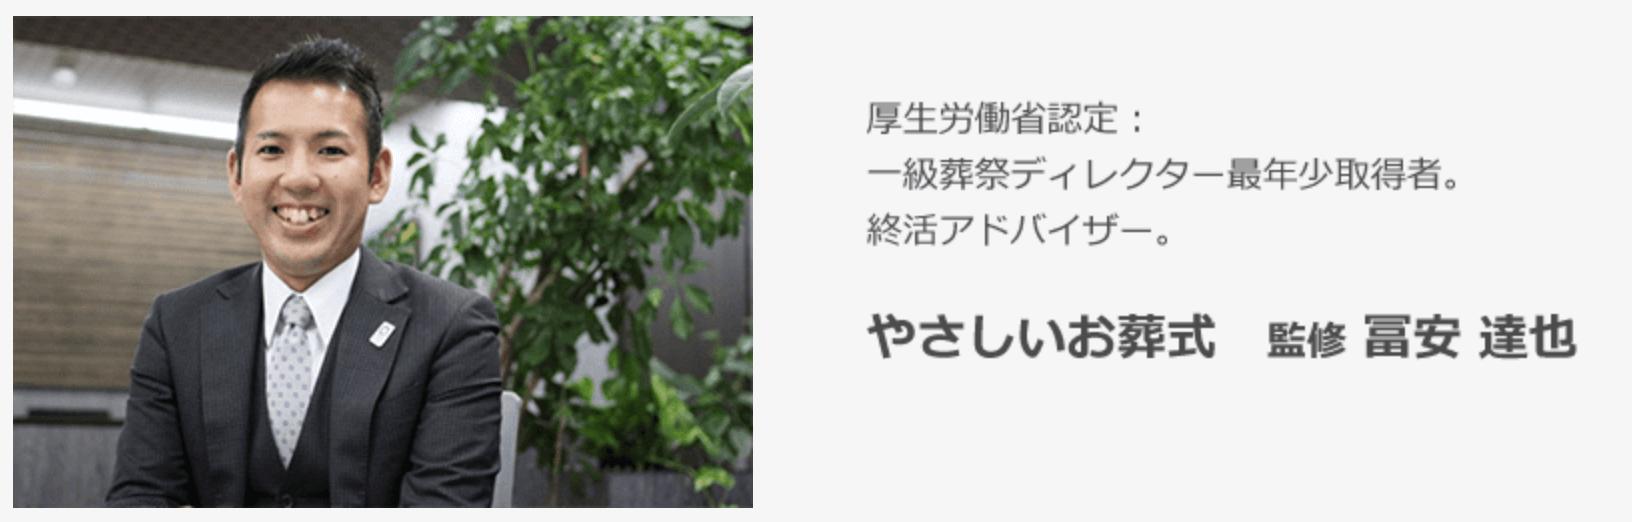 史上最年少で一級葬祭ディレクターを取得した冨安 達也氏が監修